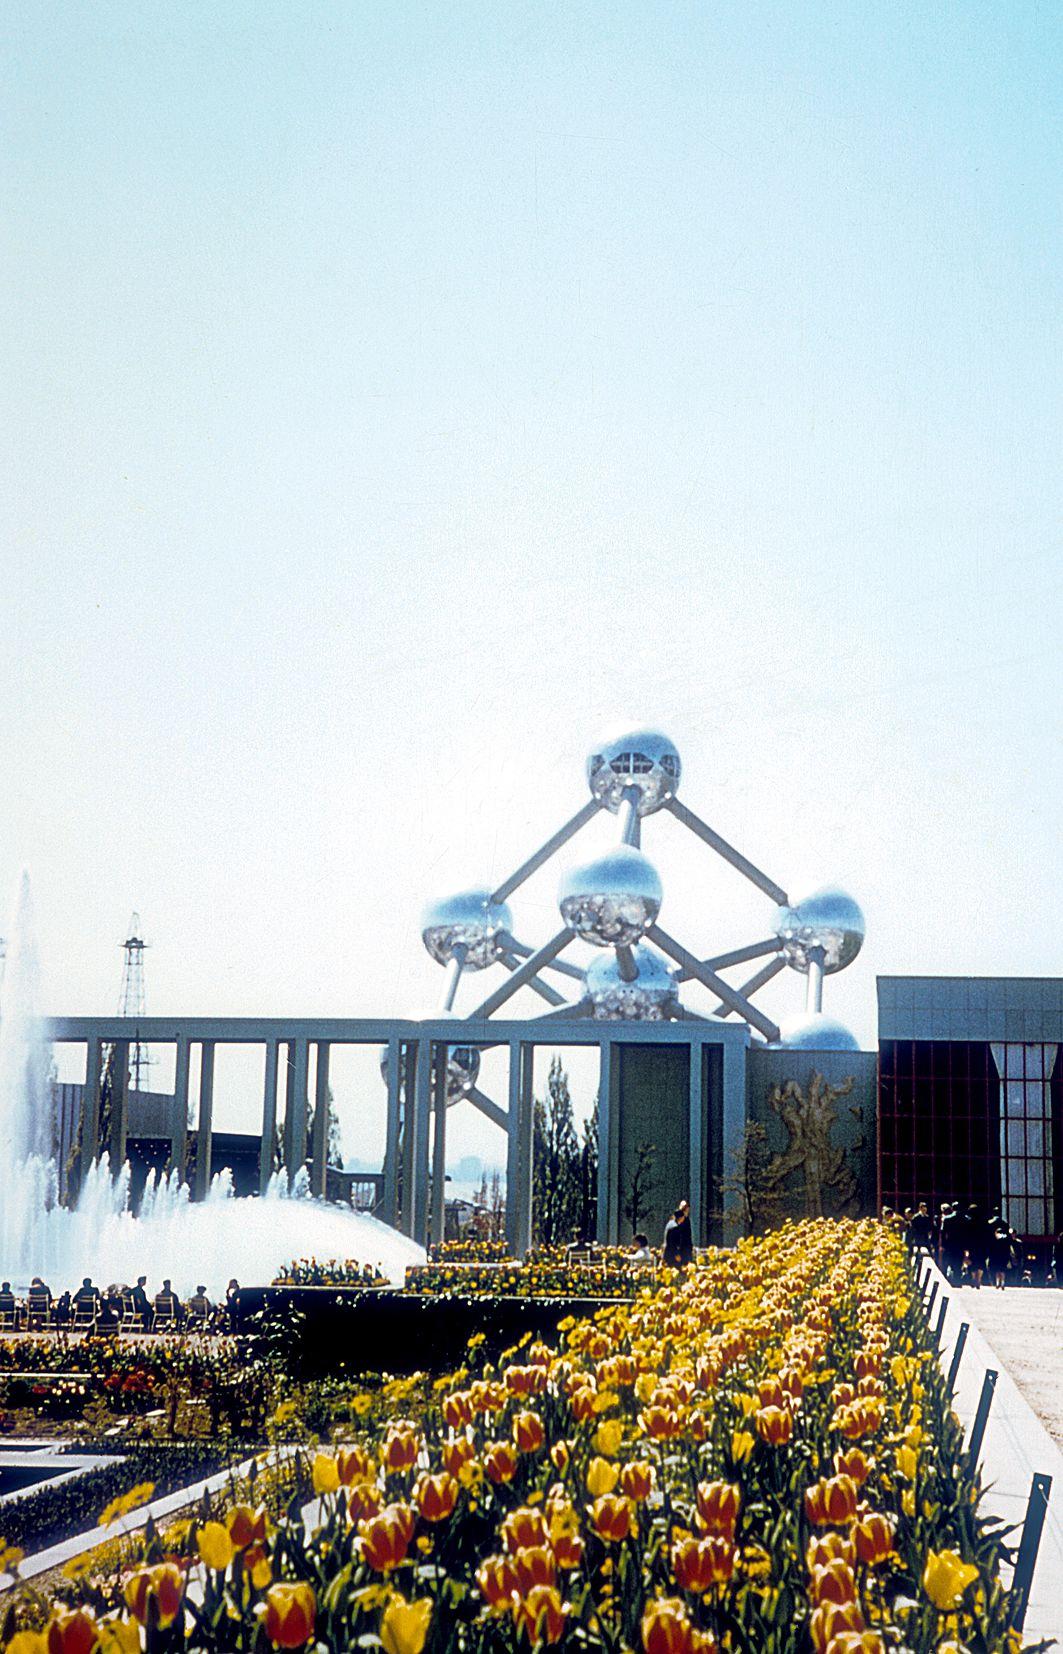 Belgium Square, Expo '58